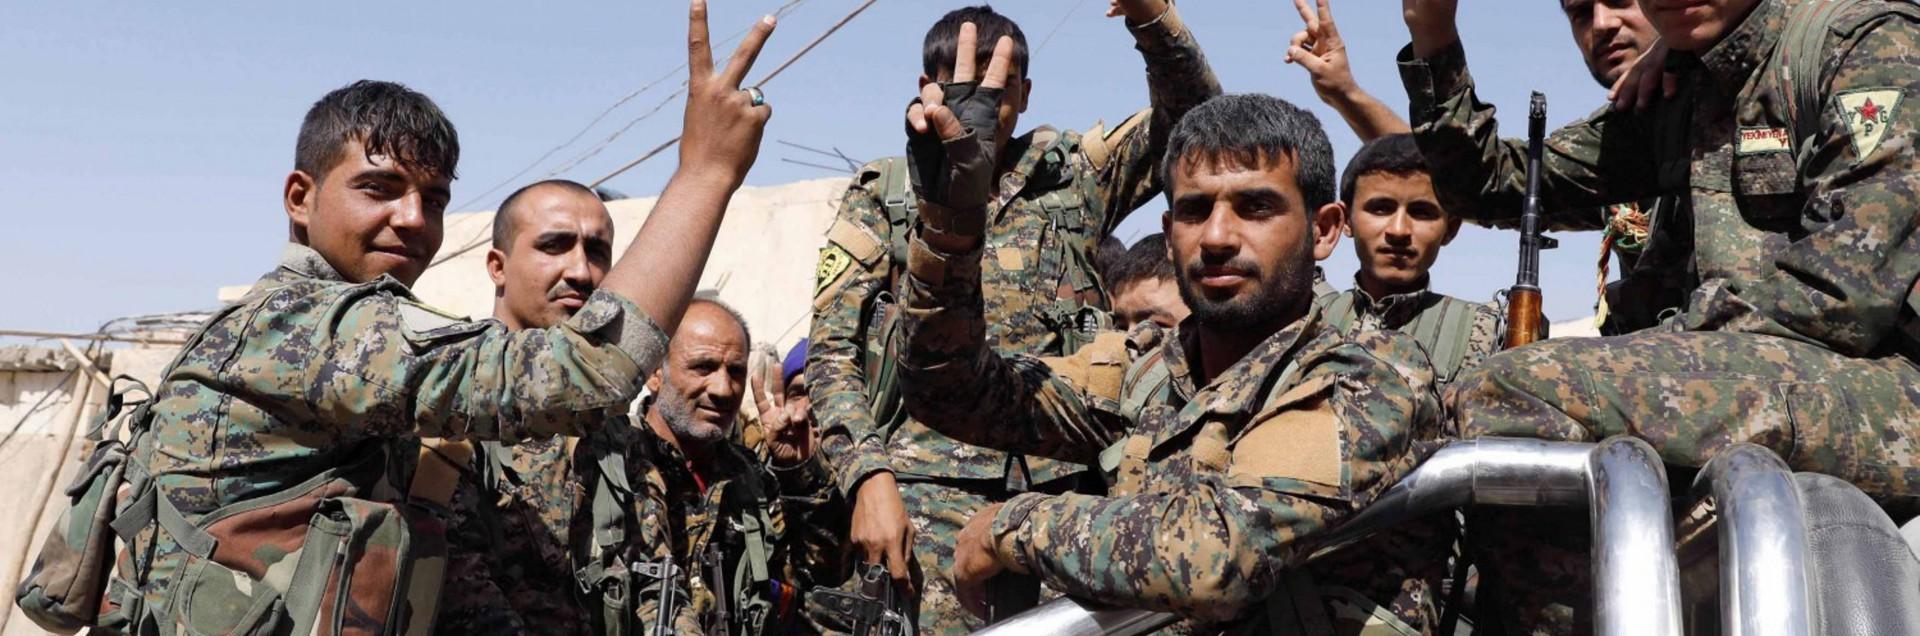 Colpo mortale per il Califfato: <br> i curdi hanno liberato Raqqa